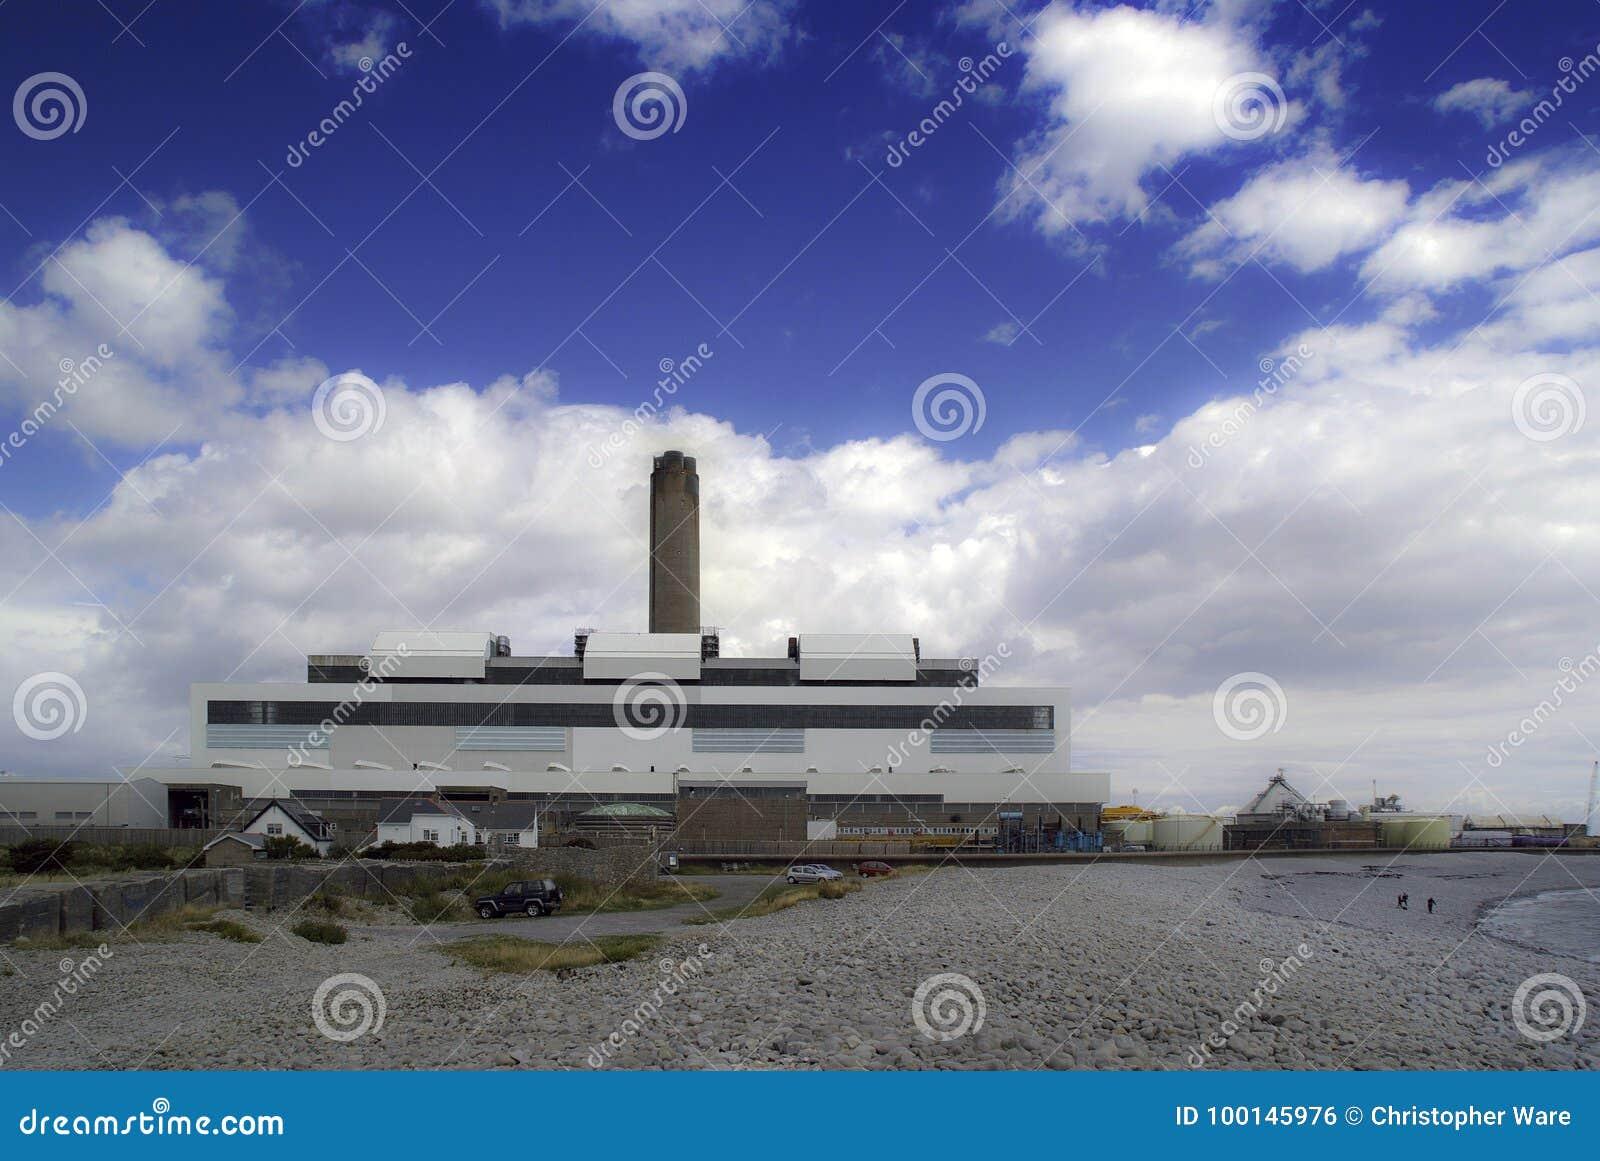 燃煤电能源厂